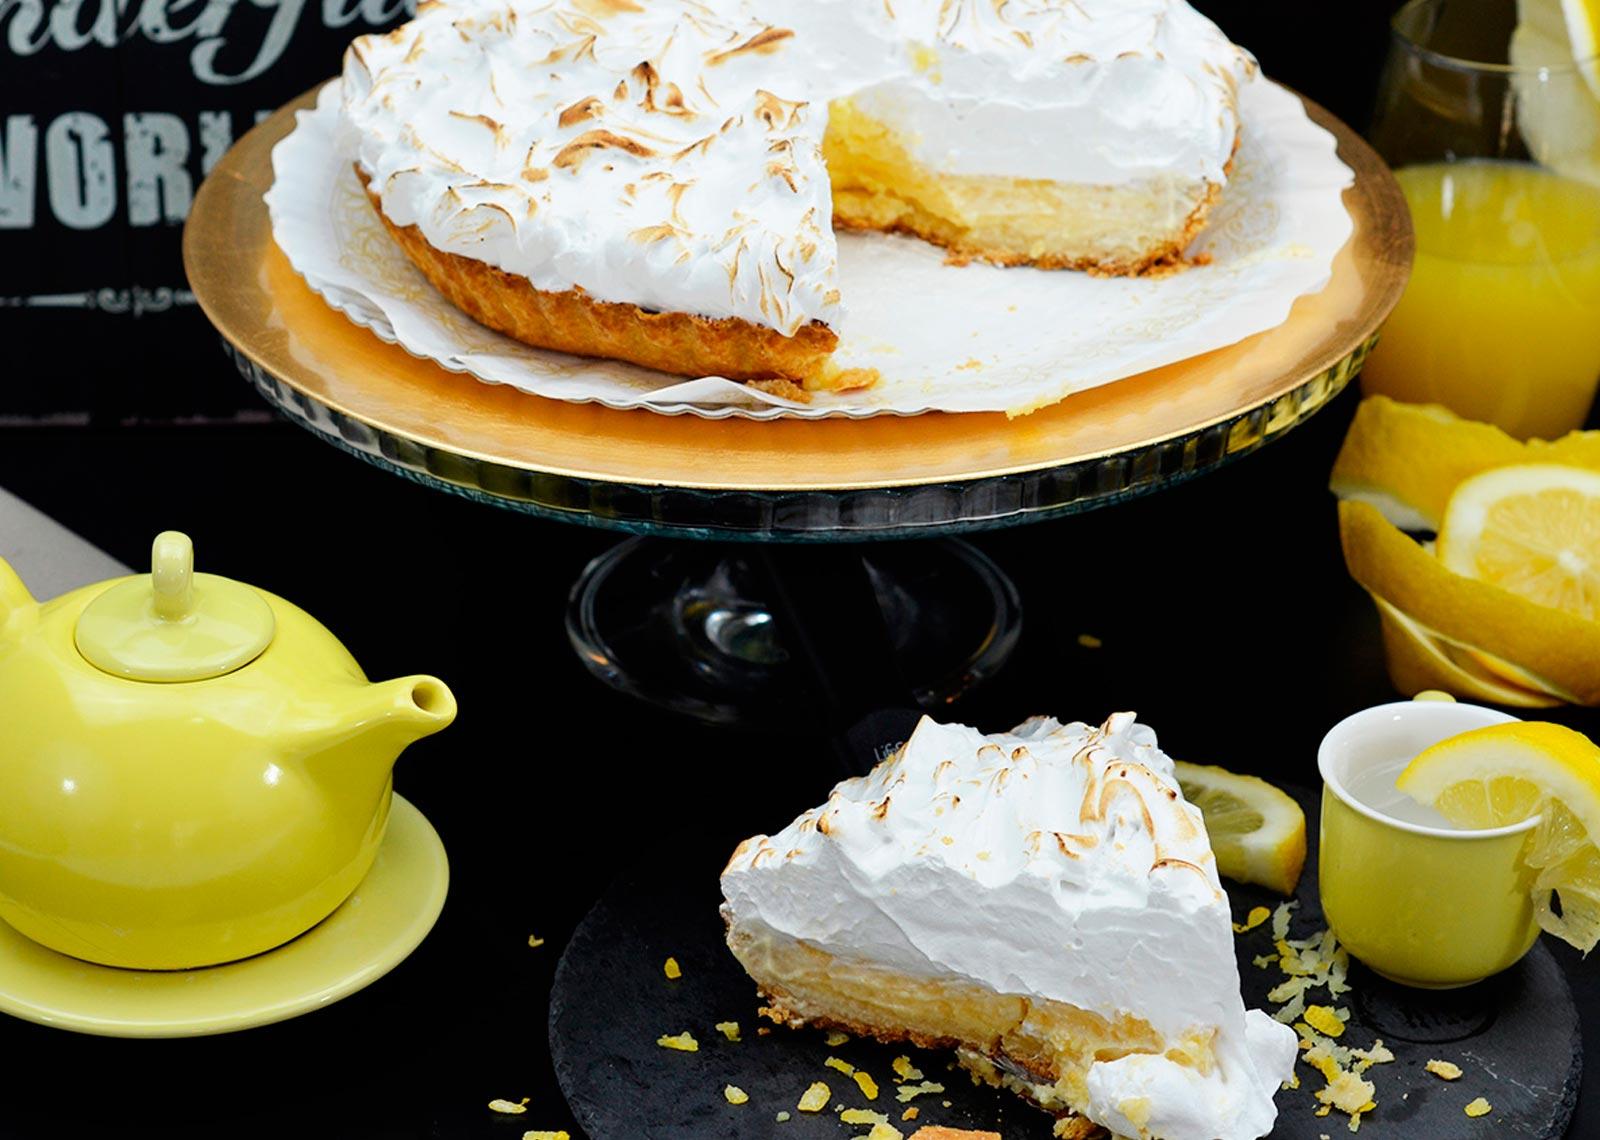 Tarta Pie de Limón delirios de tartas - the Brand Doctor Branding